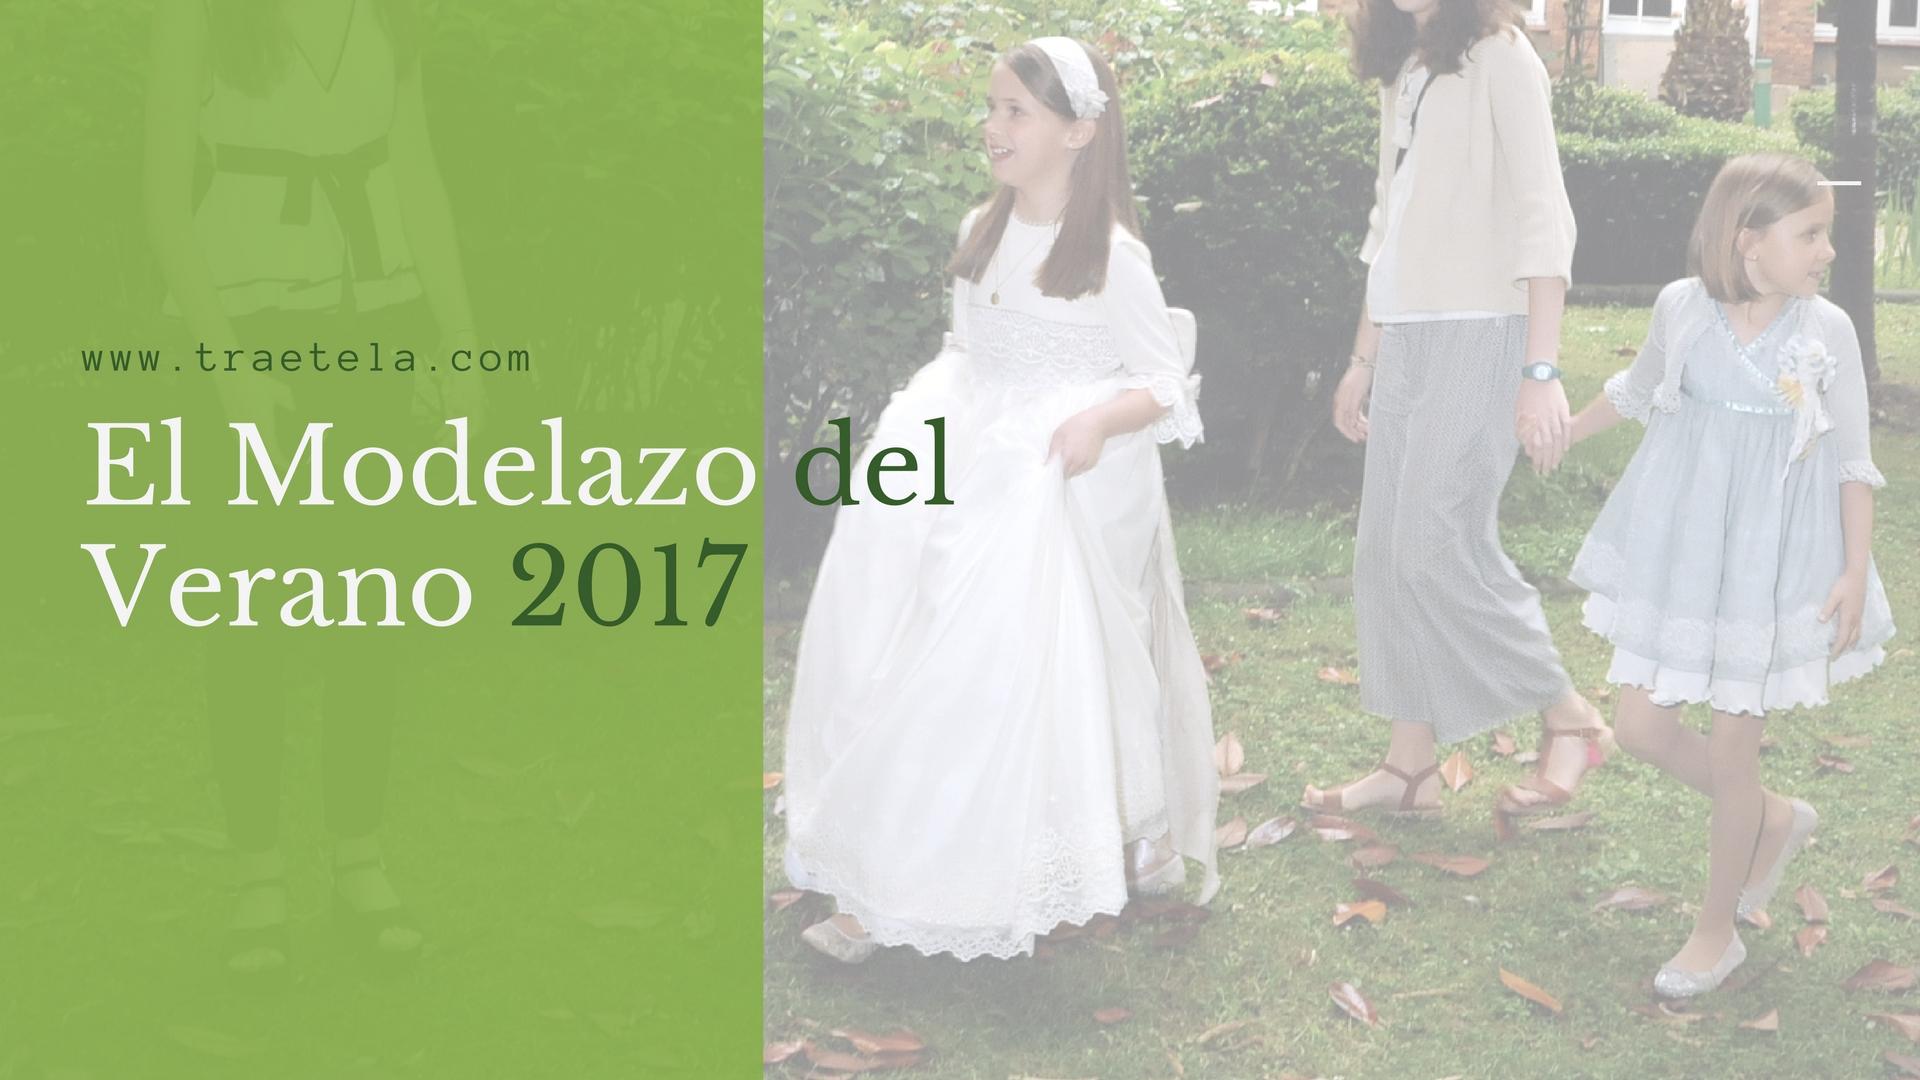 CONCURSO: EL MODELAZO DEL VERANO 2017